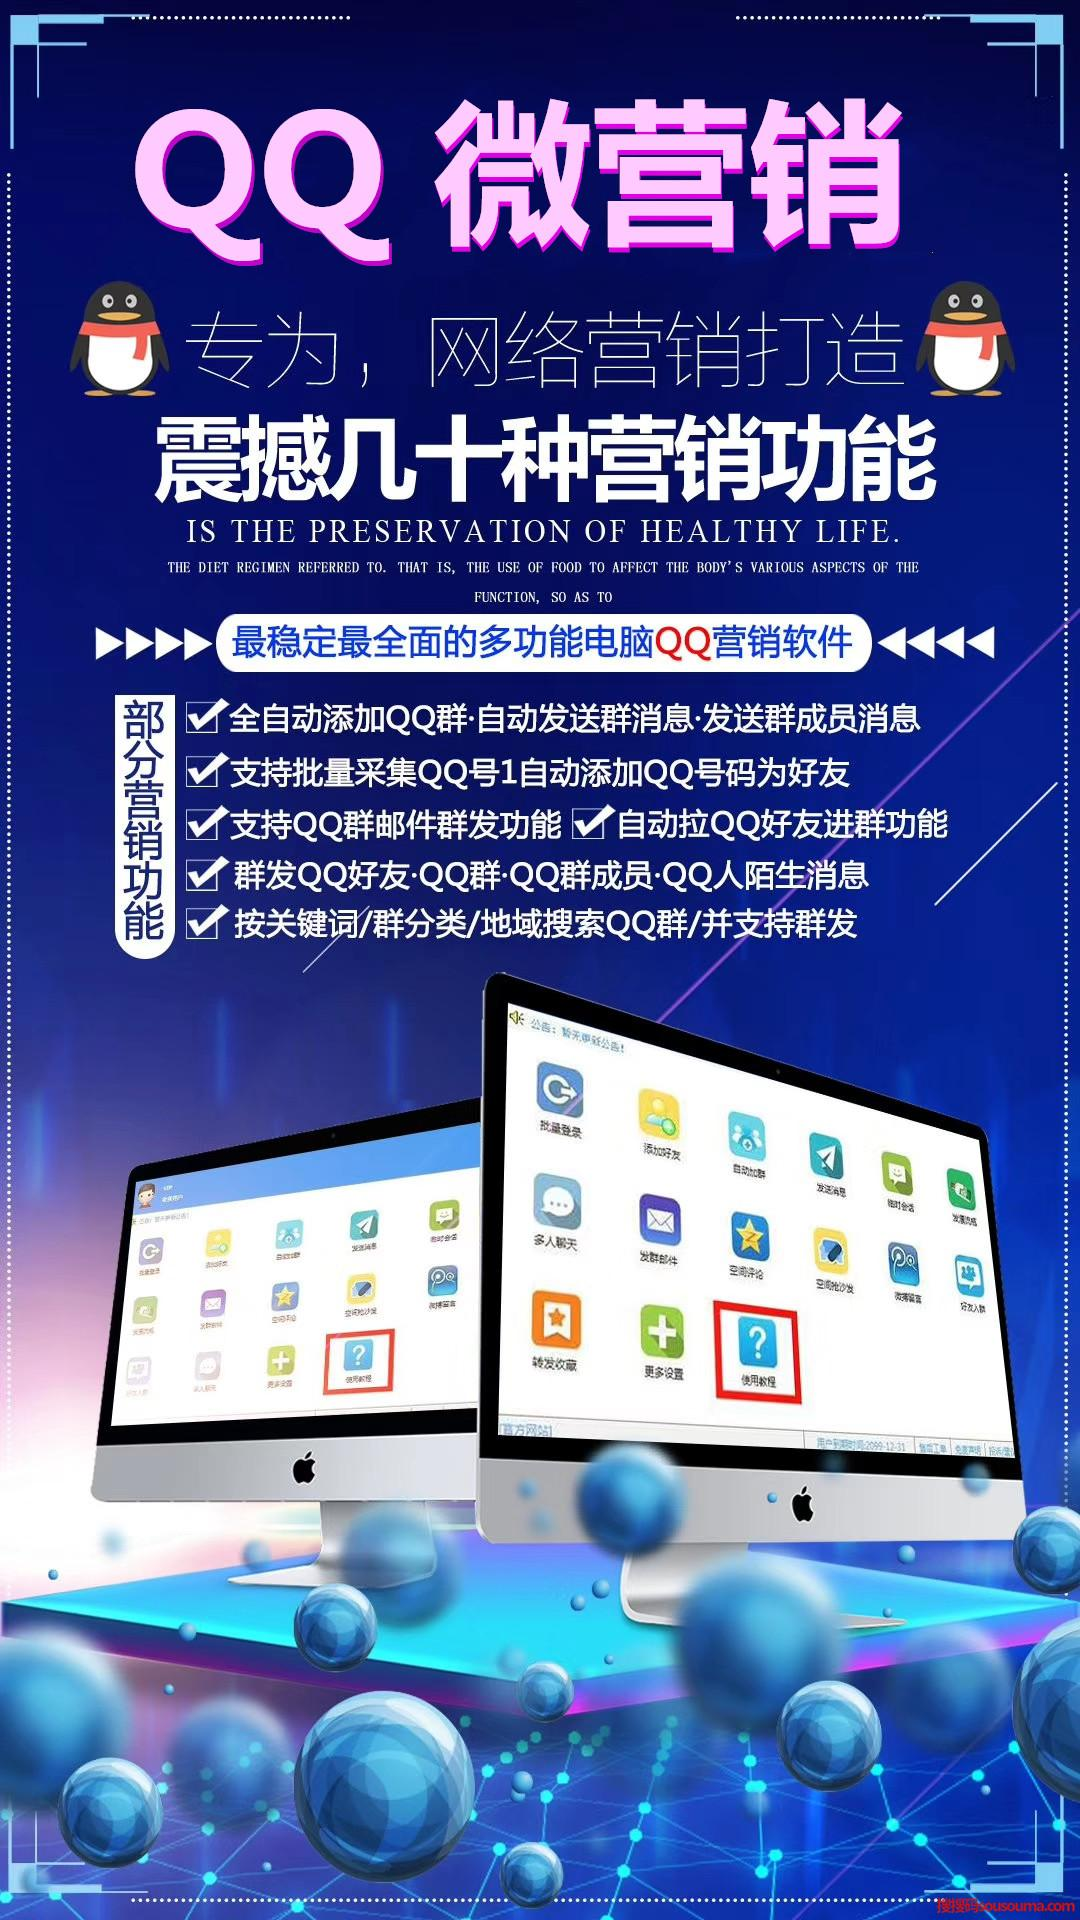 【QQ微营销】全自动添加QQ群自动群发关键词采集QQ号支持邮件群发